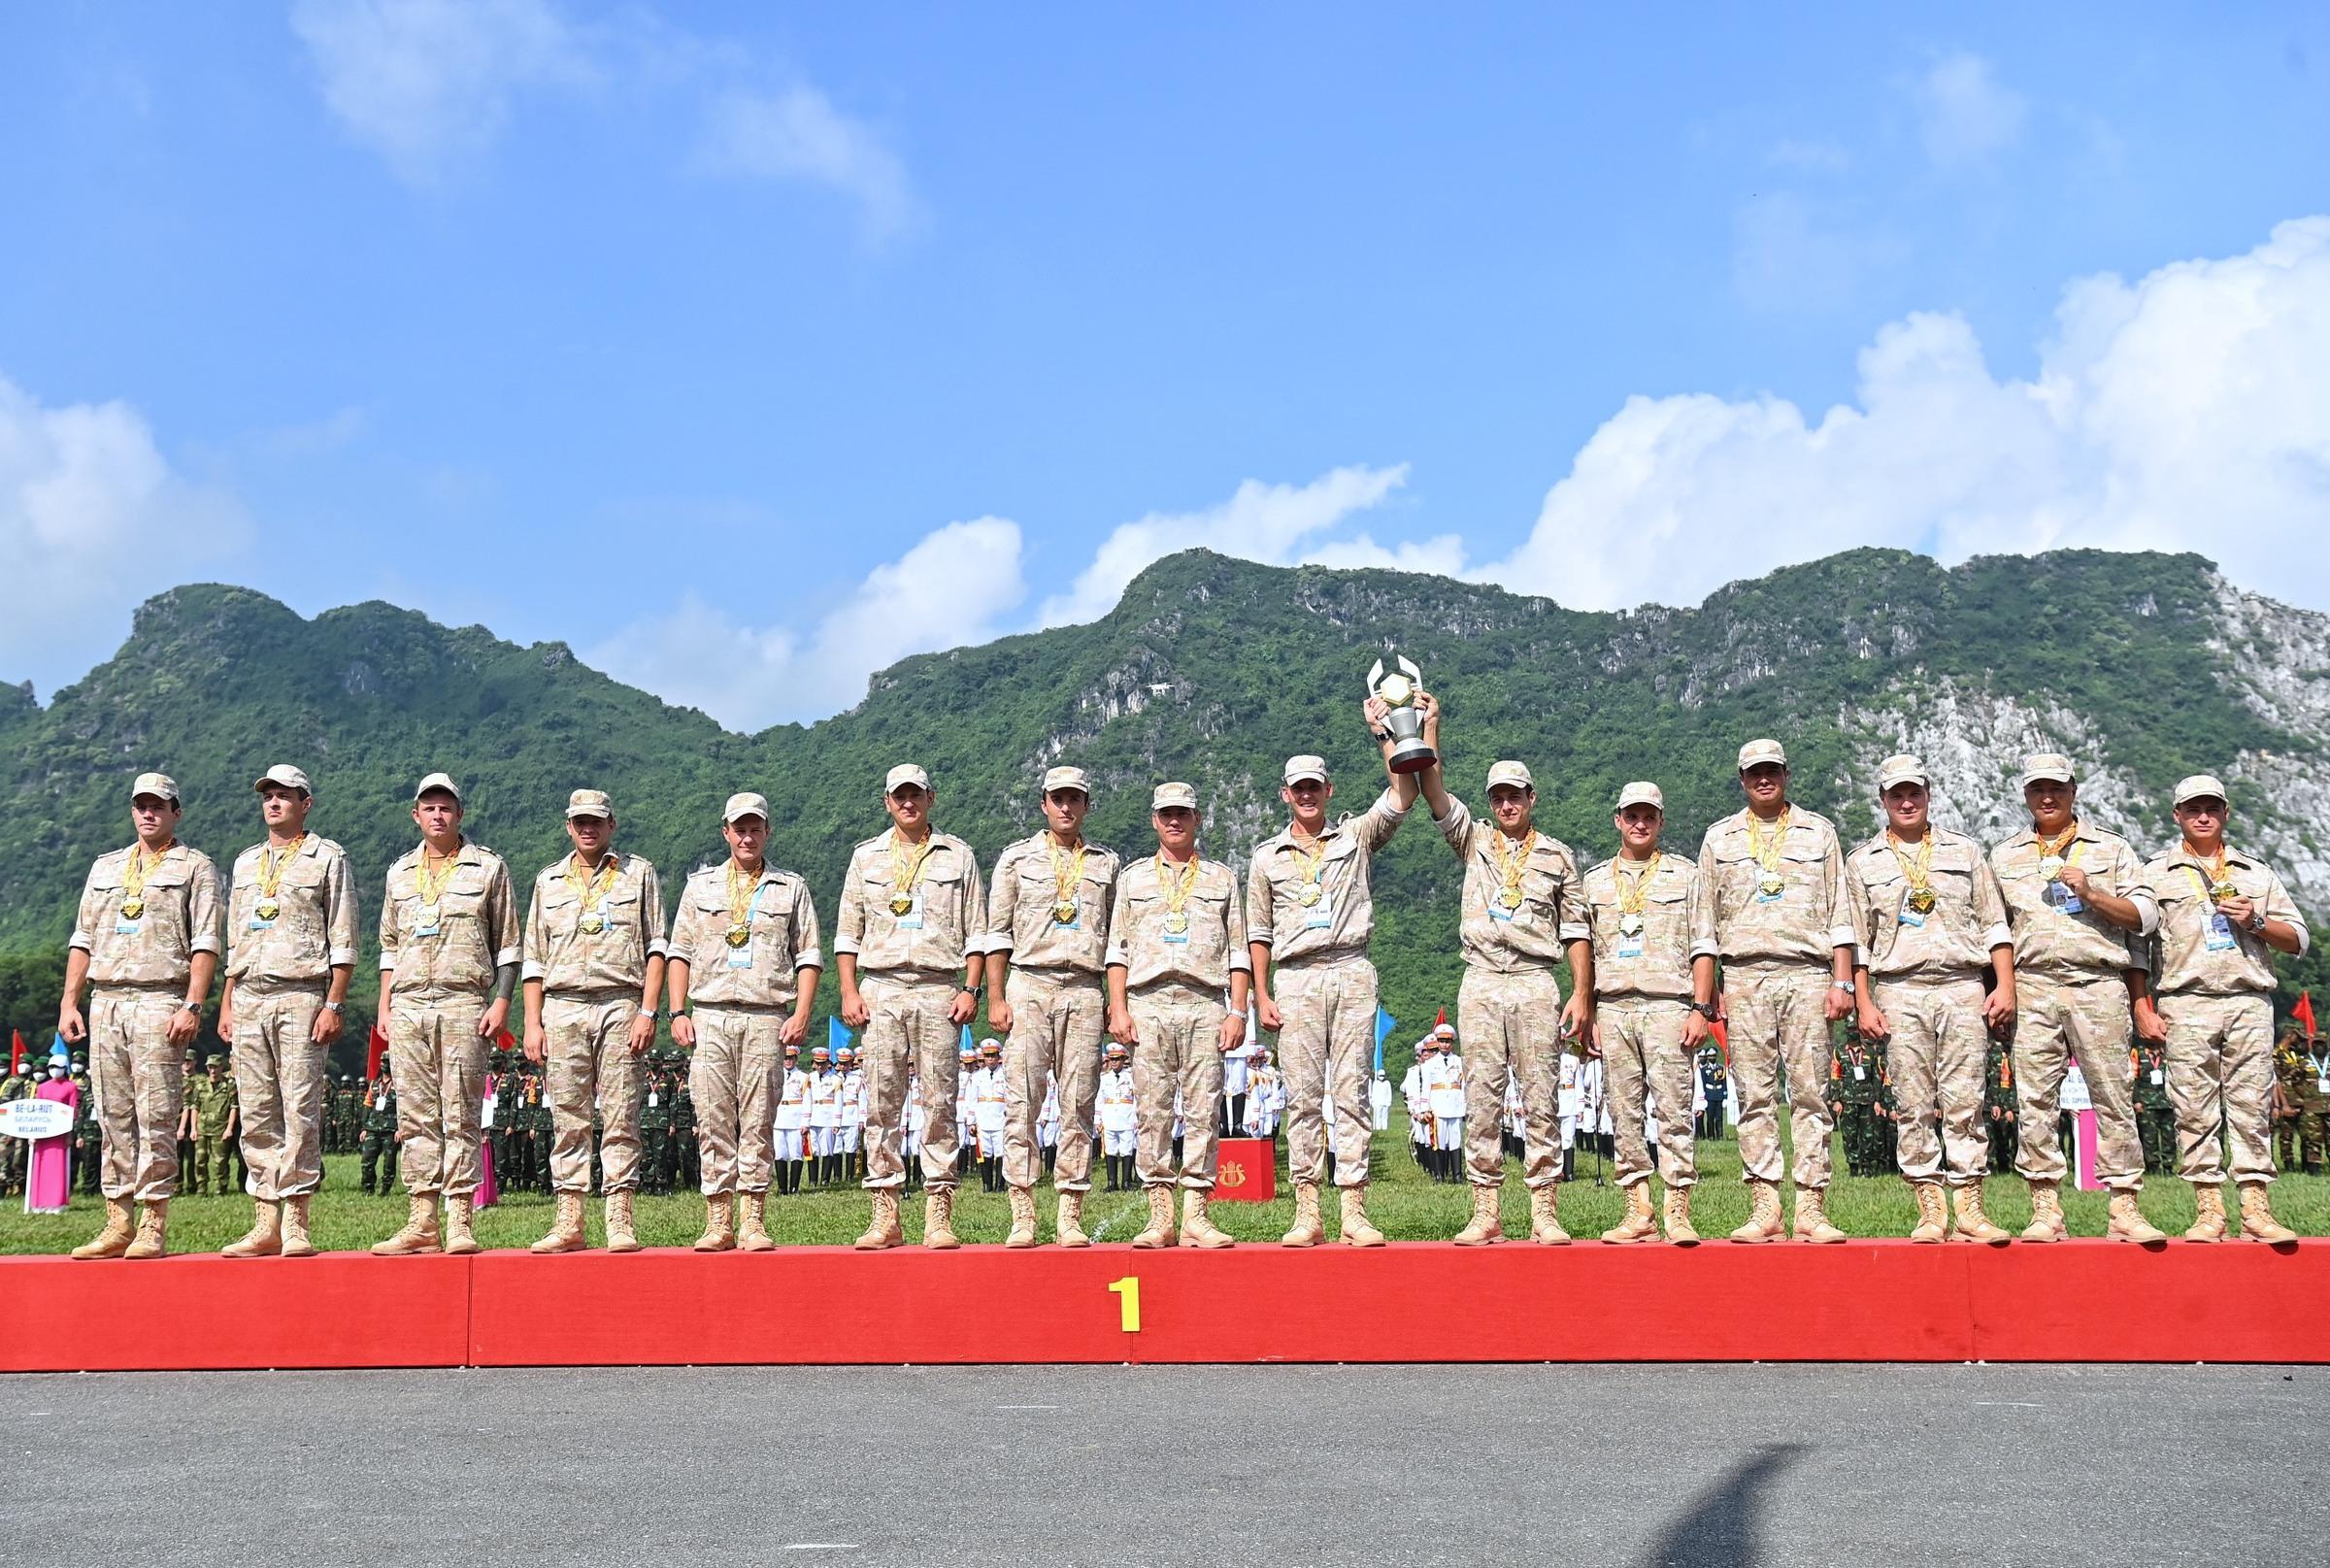 Đội tuyển Liên bang Nga nhận cúp và huy chương vàng nội dung Vùng tai nạn tại Trung tâm Huấn luyện quân sự quốc gia 4 của Việt Nam, sáng 4/9. Ảnh: Giang Huy